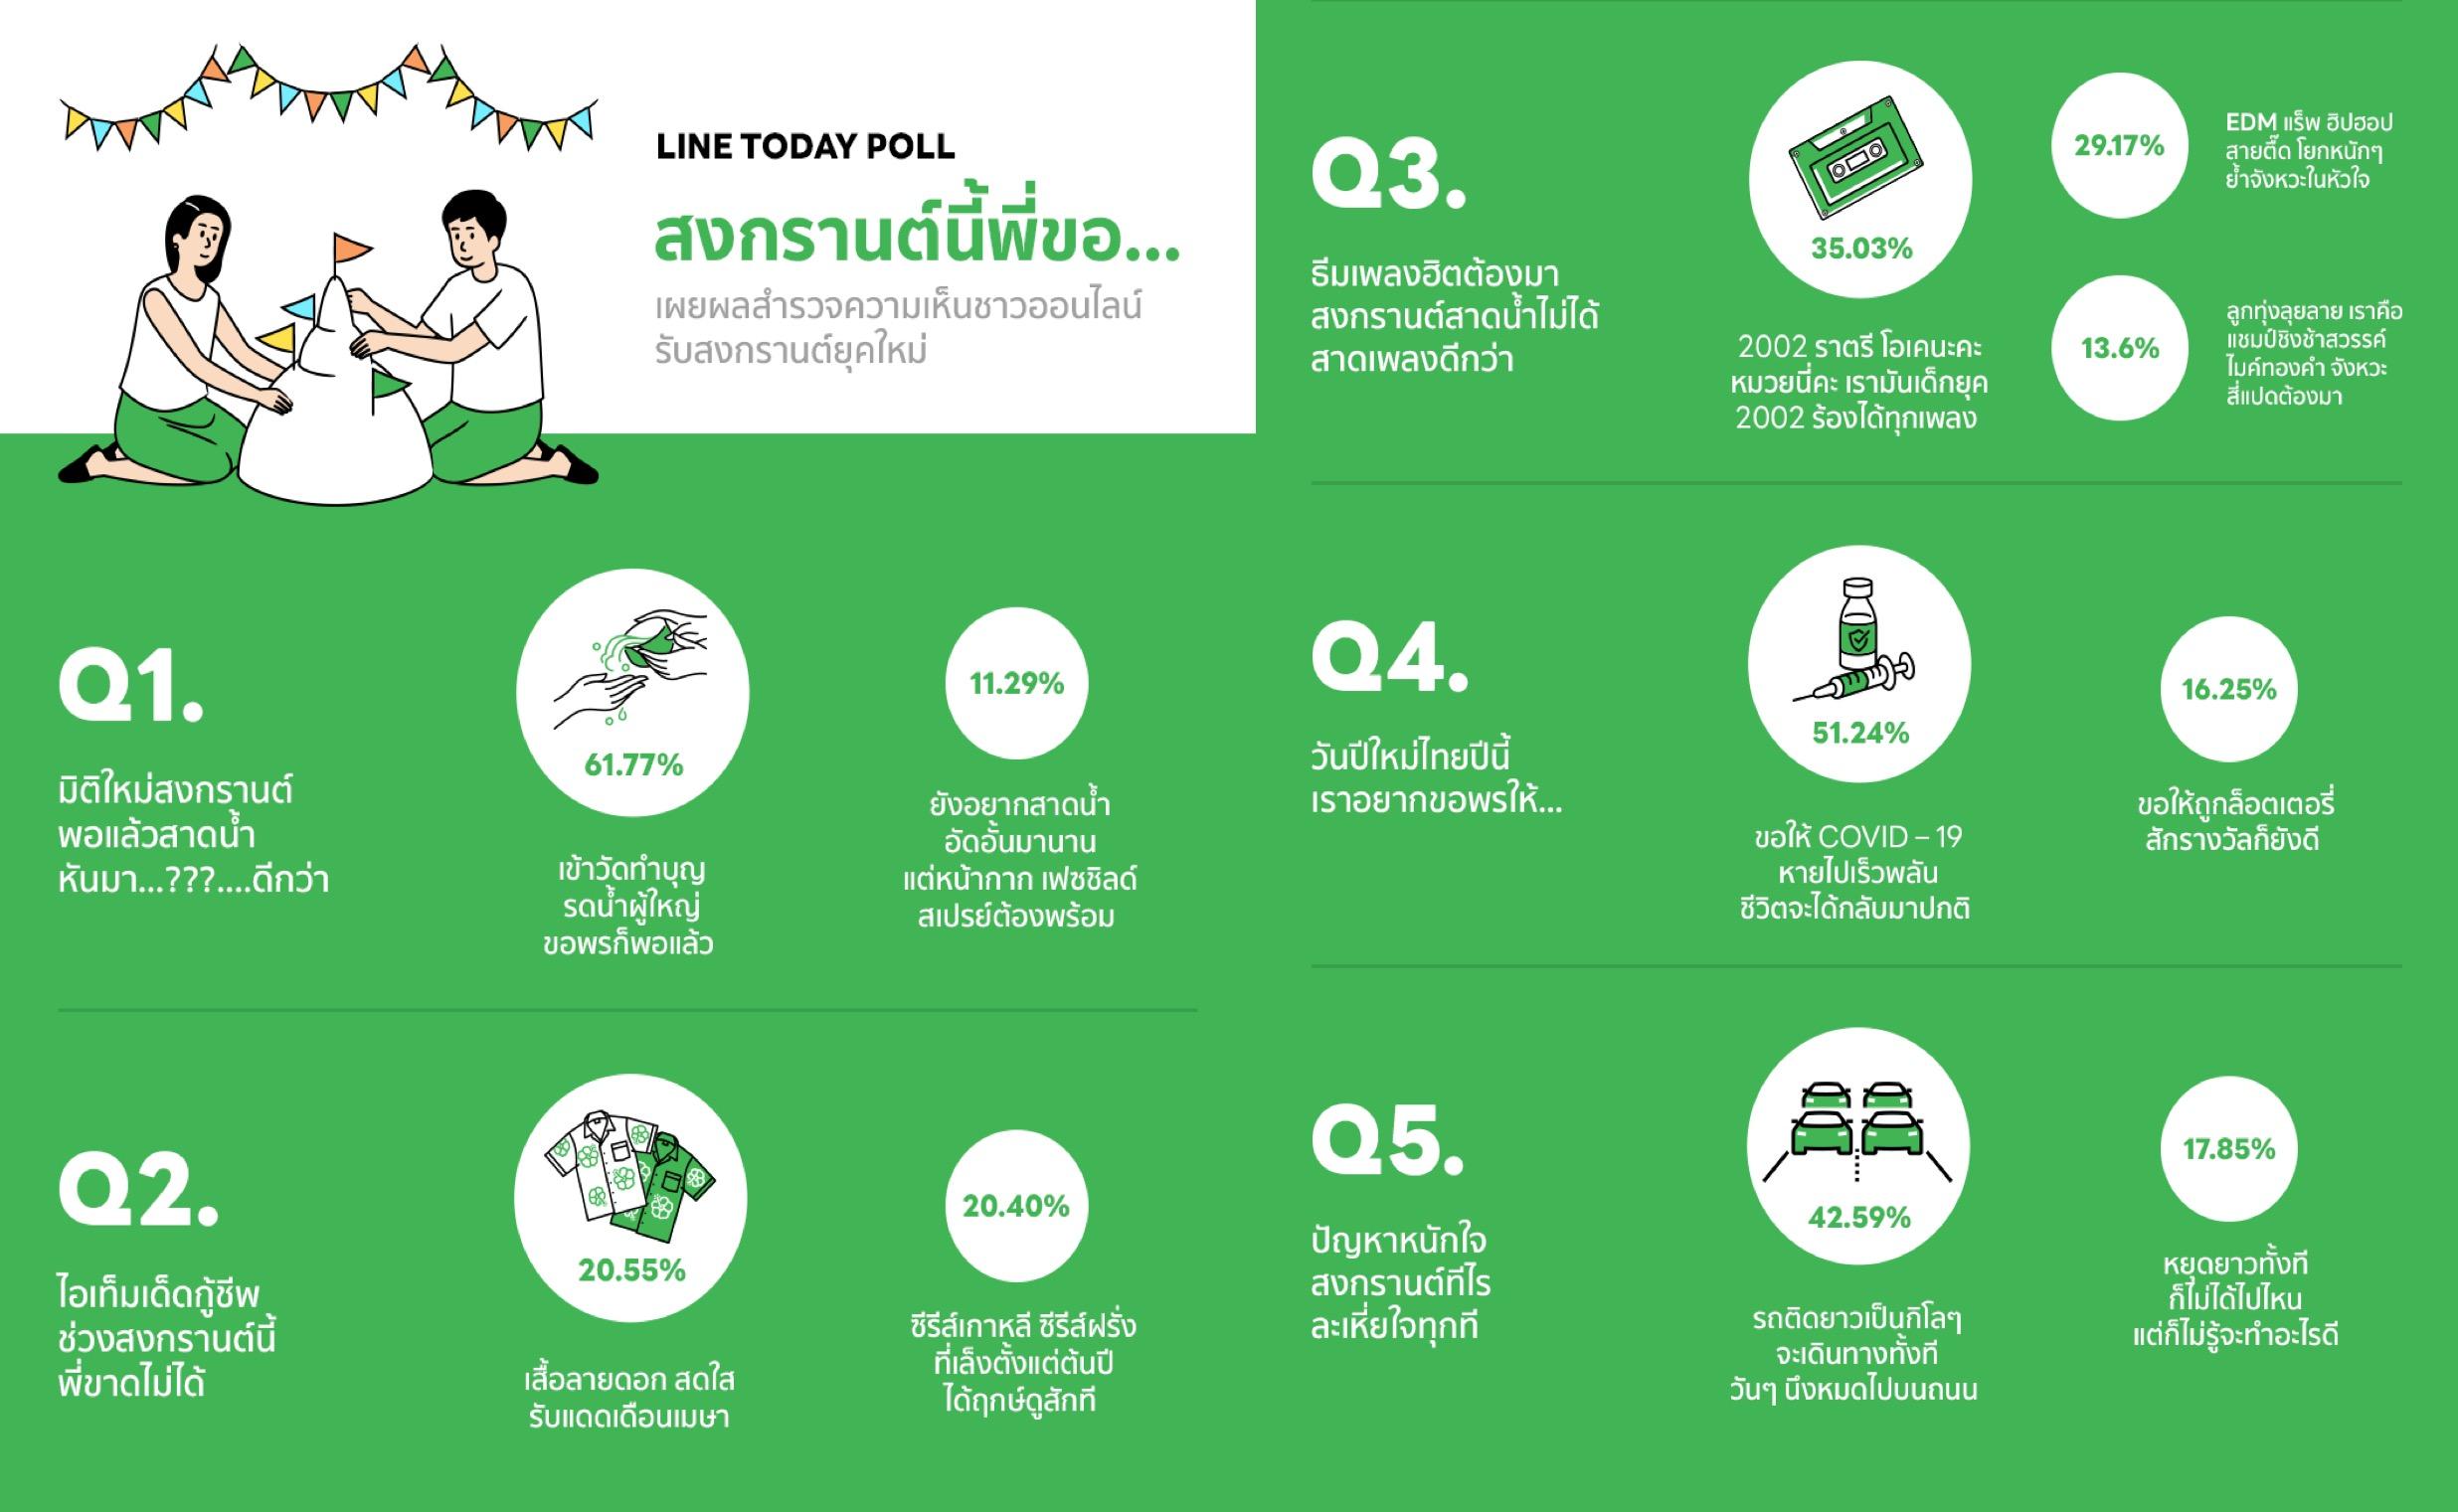 """เปิดผลสำรวจชาวเน็ต กับโพล """"สงกรานต์ยุคใหม่ 2564"""" โดย LINE TODAY POLL"""